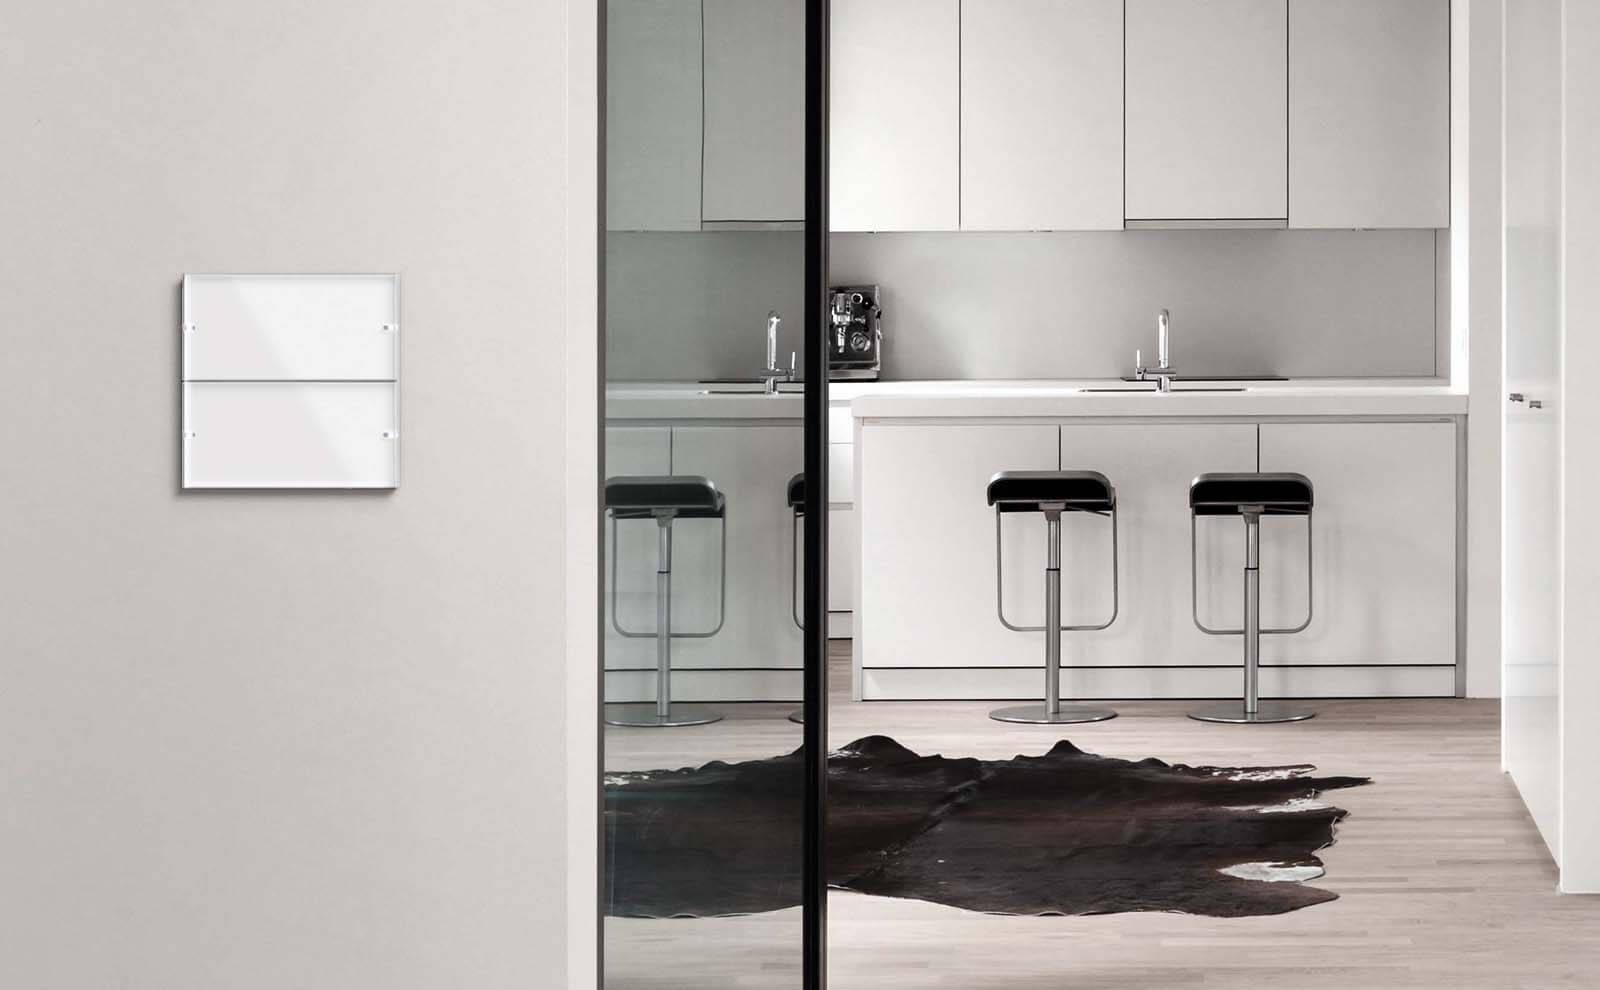 Gira Tastsensor 4 weiß in Küche